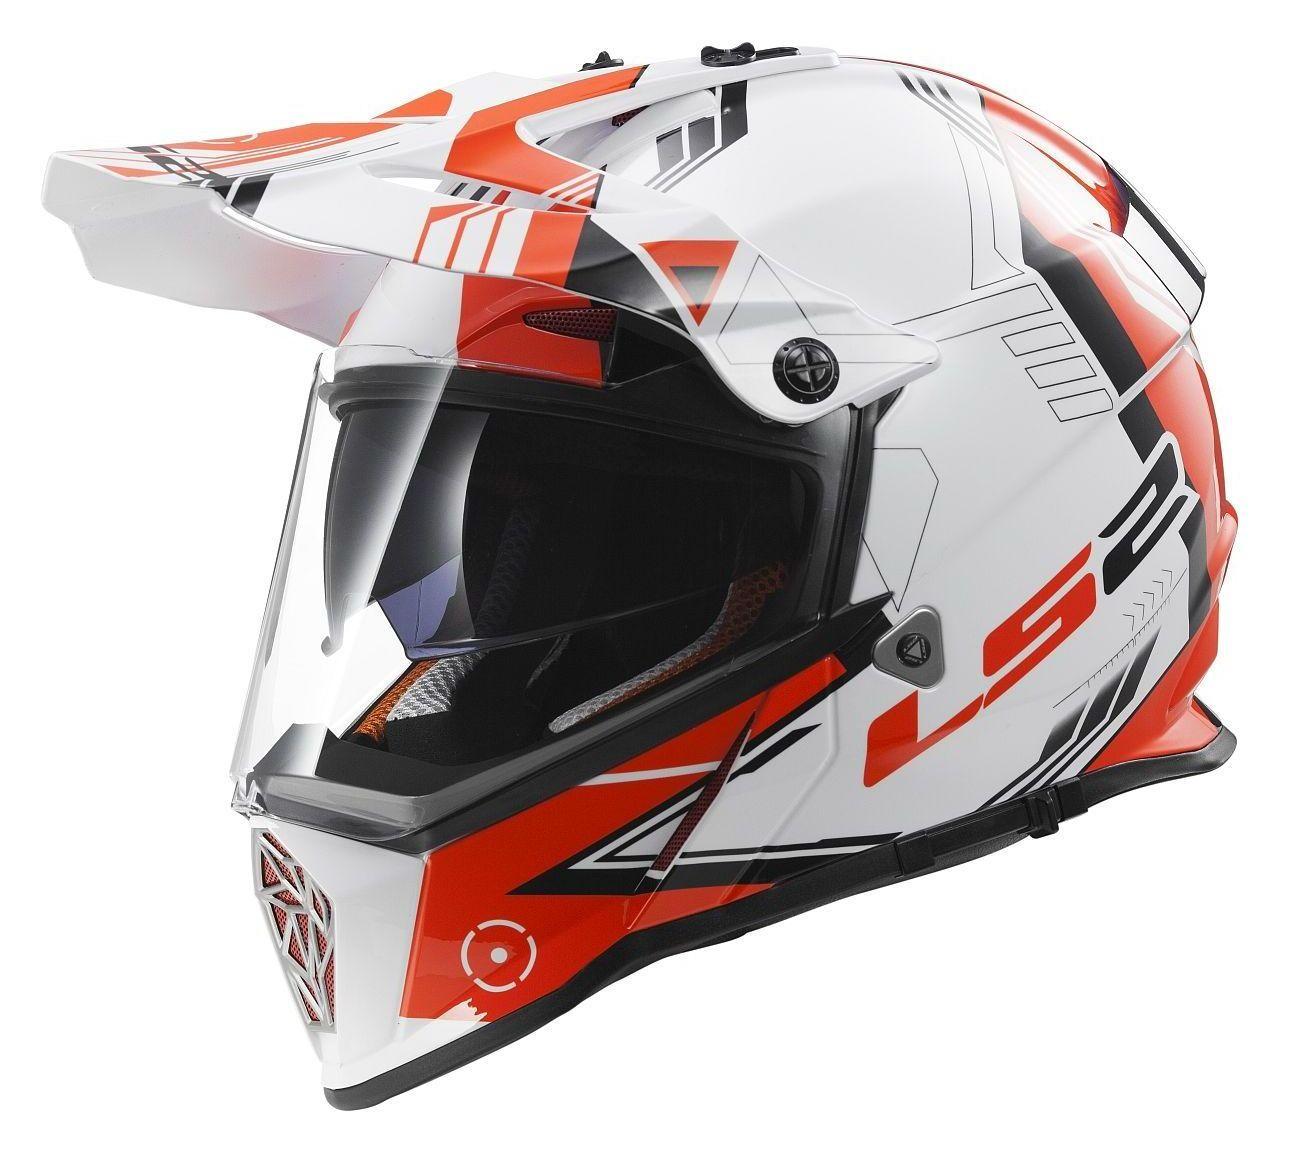 Honda Dual Sport Helmet >> LS2 Pioneer Trigger Helmet | 38% ($60.00) Off! - RevZilla